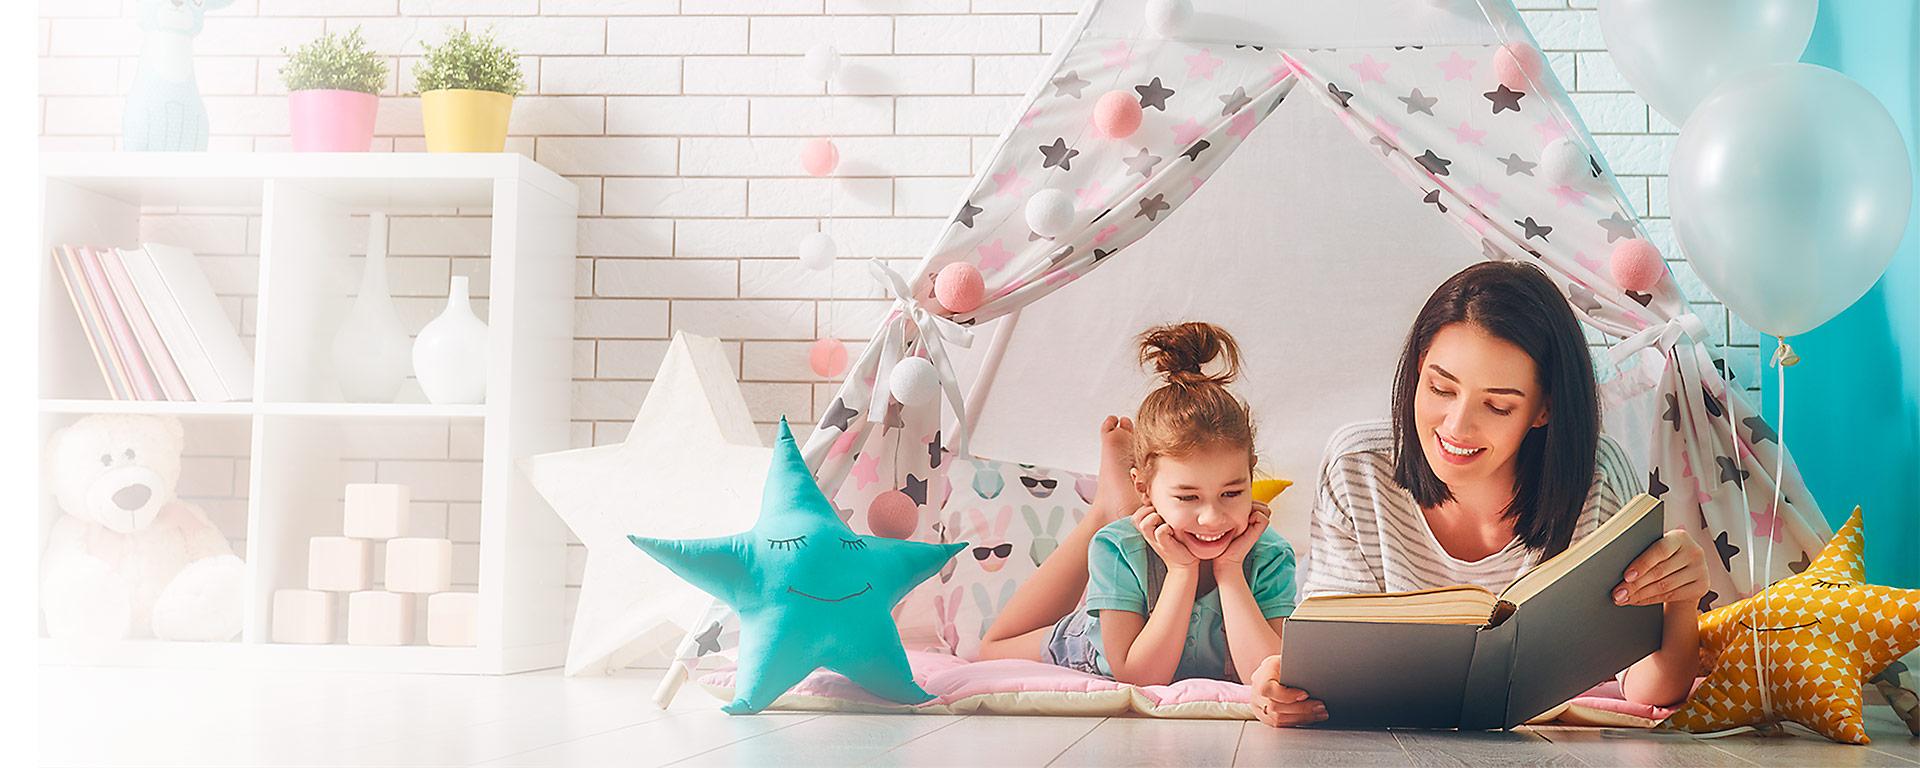 top-slider-home-muebles-infantil-gava-castelldefels-sitges-2017